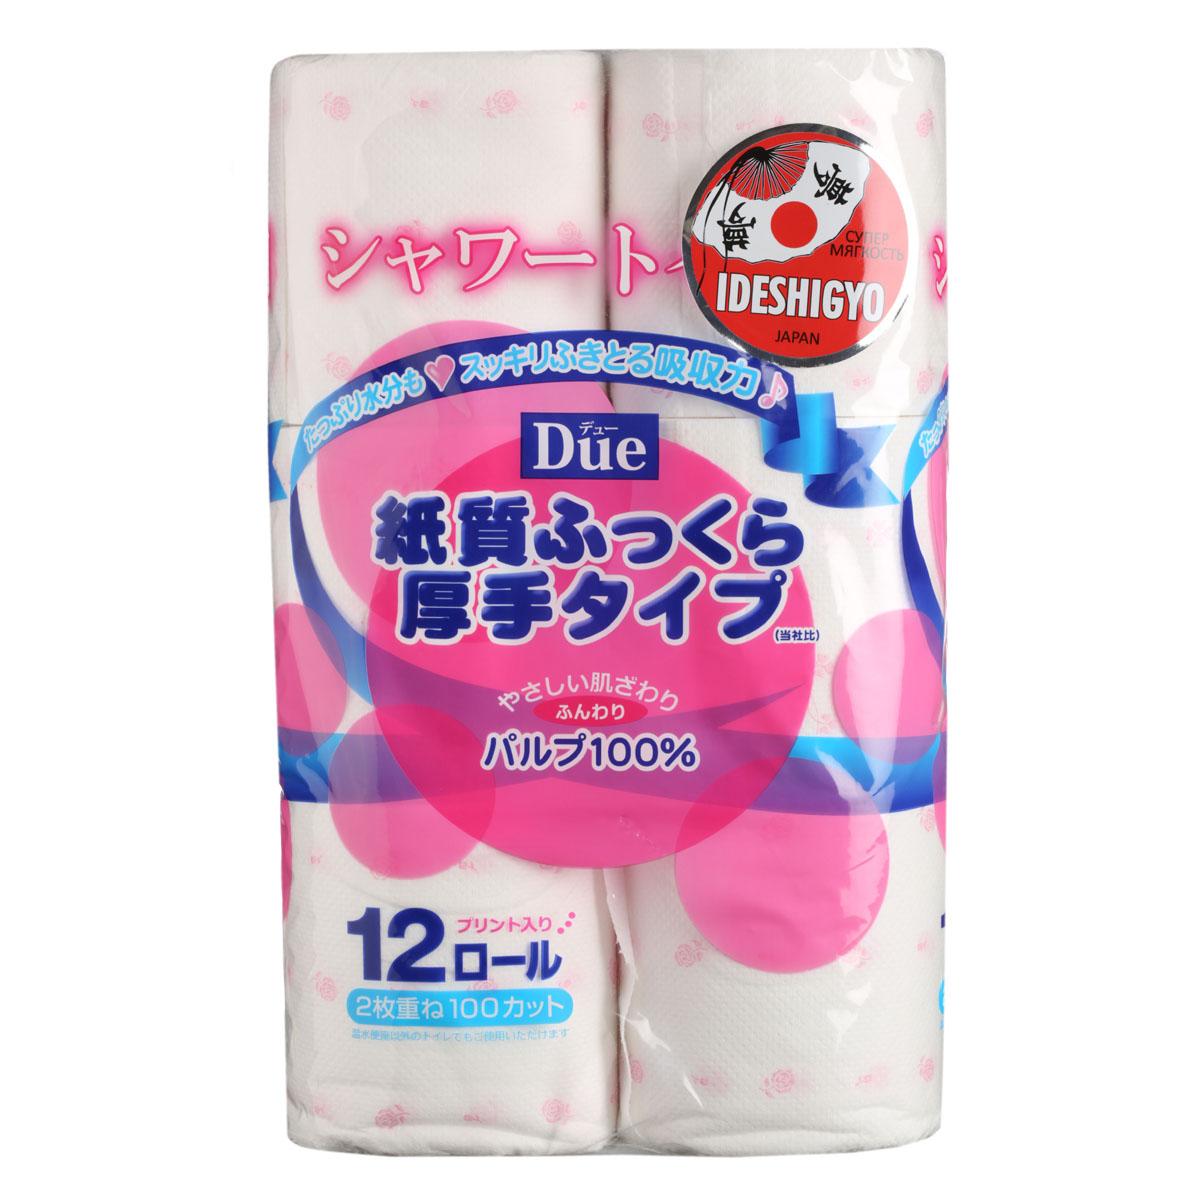 Туалетная бумага IDESHIGYO DUE, 2-х слойная, 12 рулонов13425Отличительной особенностью туалетной бумаги IDE является использование целлюлозы с длинными волокнами, что обеспечивает бумаге хорошую гибкость и нежное прикосновение. / Мгновенно впитывает даже большое количество воды, поскольку между слоями бумаги есть воздушное пространство, что позволяет сократить объемы используемой бумаги на треть./ Глубокие линии тиснения обеспечивают надежное соединение слоев и прочность бумаги.Туалетная бумага IDE изготовлена из природных материалов и воды из источников Фудзи, без использования флуоресцентных красителей./ В упаковке представлены 3 вида дизайна туалетной бумаги./ Подходит также для применения в качестве бумажных полотенец для биде./ Состав: натуральная 100% целлюлоза./ Срок годности не ограничен./